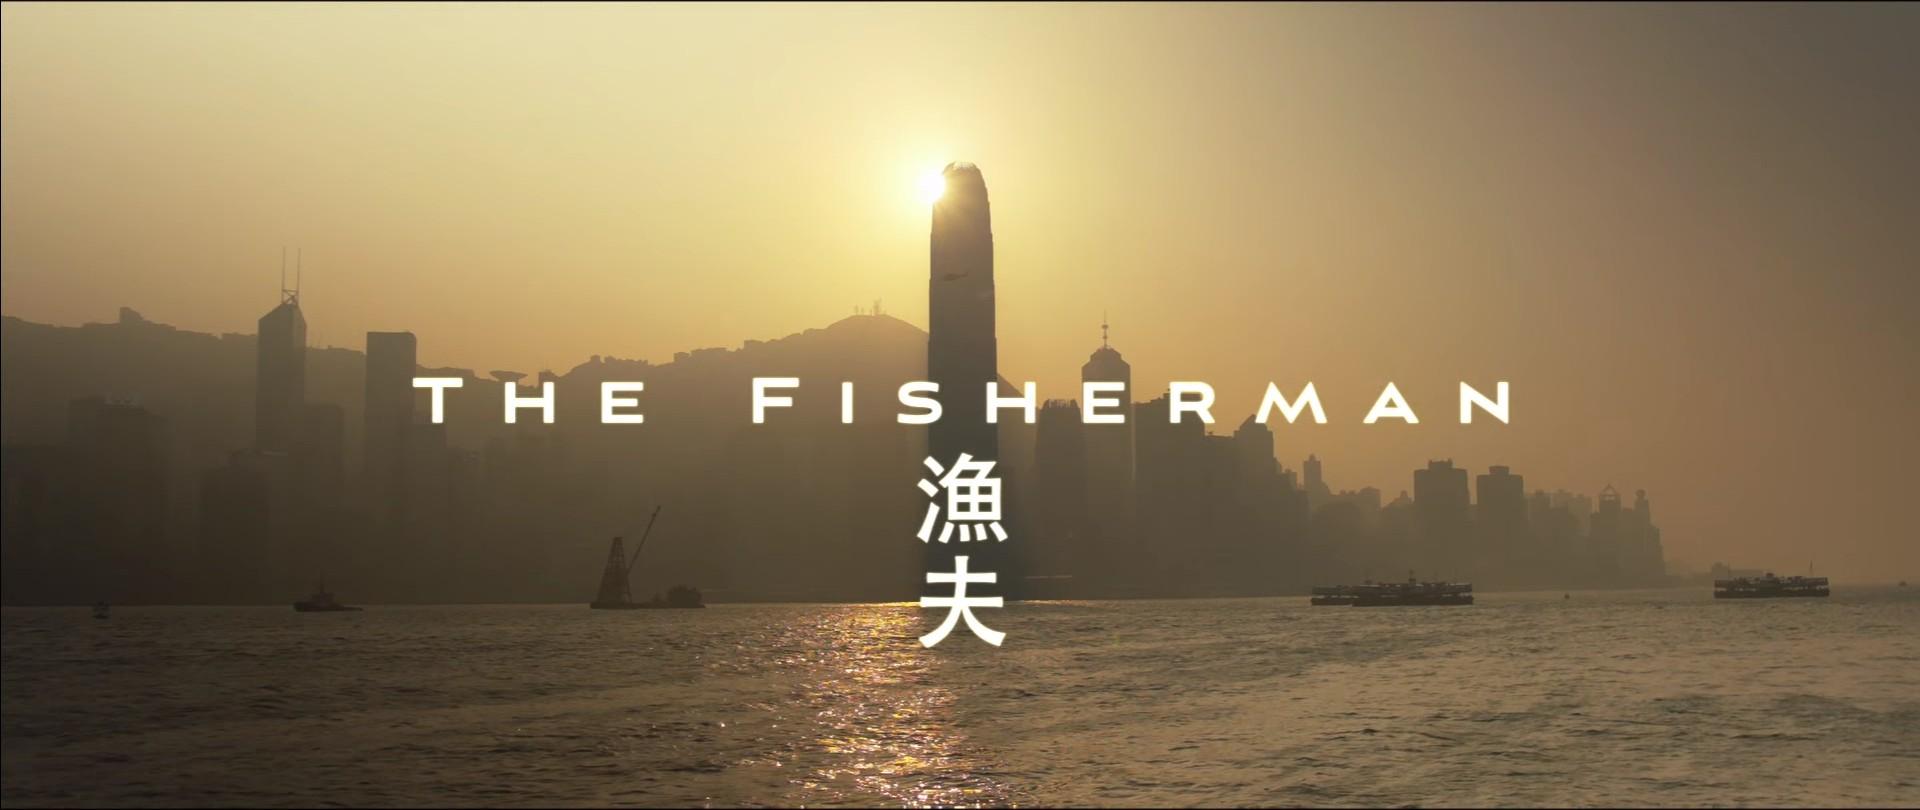 [KURZFILM]: The Fisherman